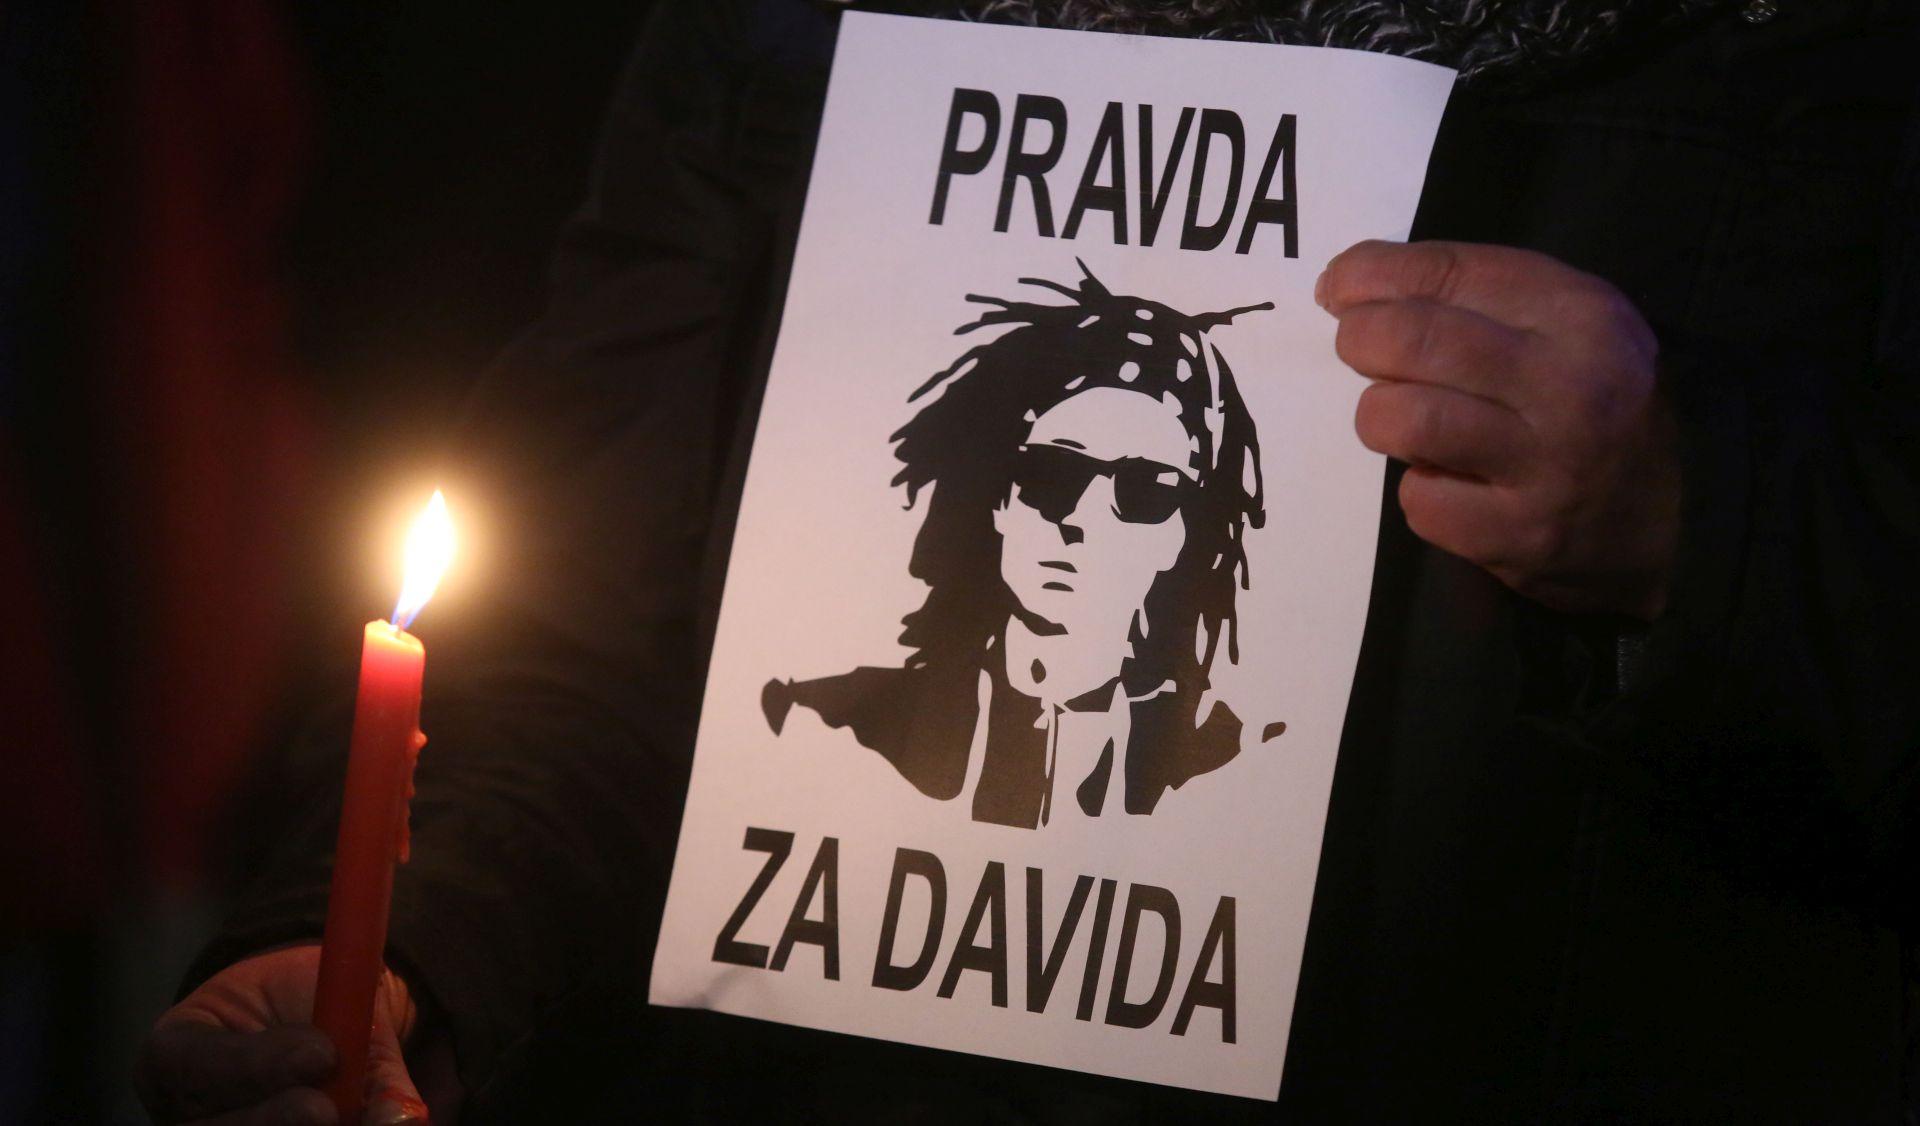 Policija Dragičevića tereti za pokušaj 'nasilnog rušenja ustavnog poretka'